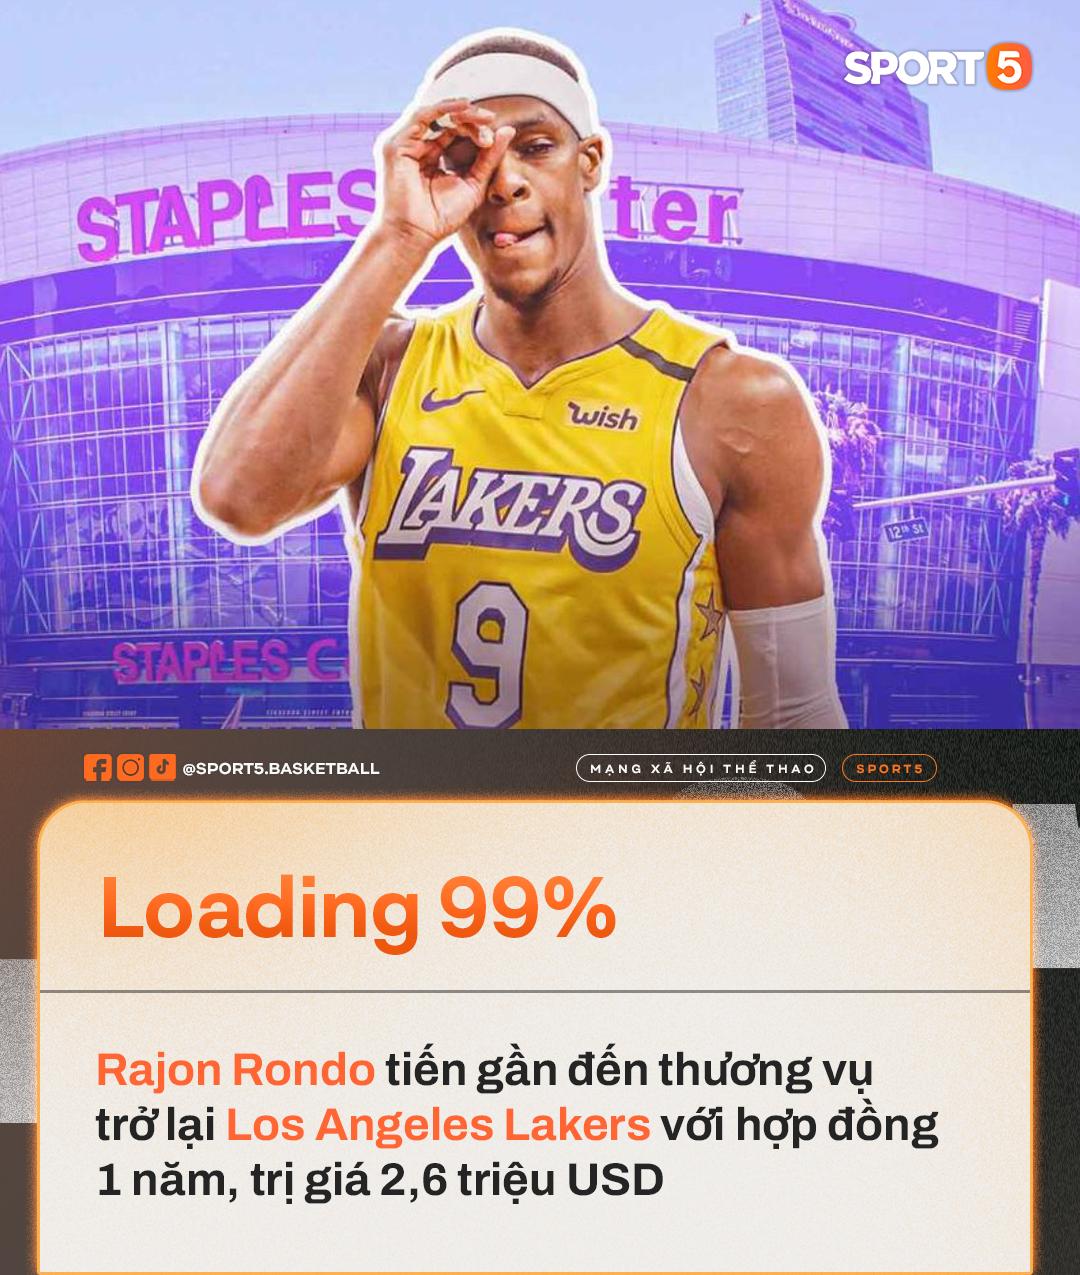 Rajon Rondo tiến gần đến thương vụ trở về Los Angeles Lakers - Ảnh 1.